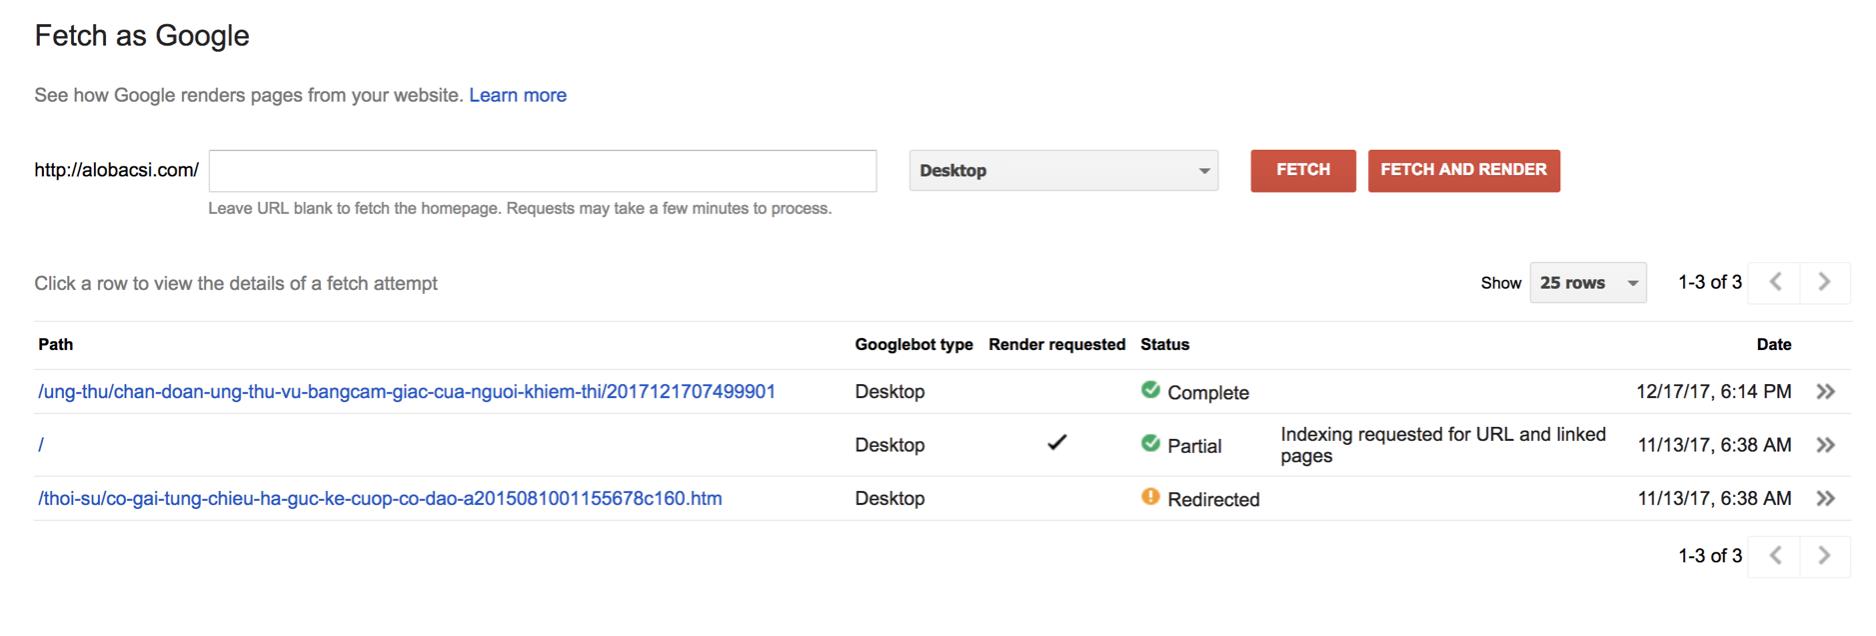 Chức năng yêu cầu Google quét, thu thập dữ liệu